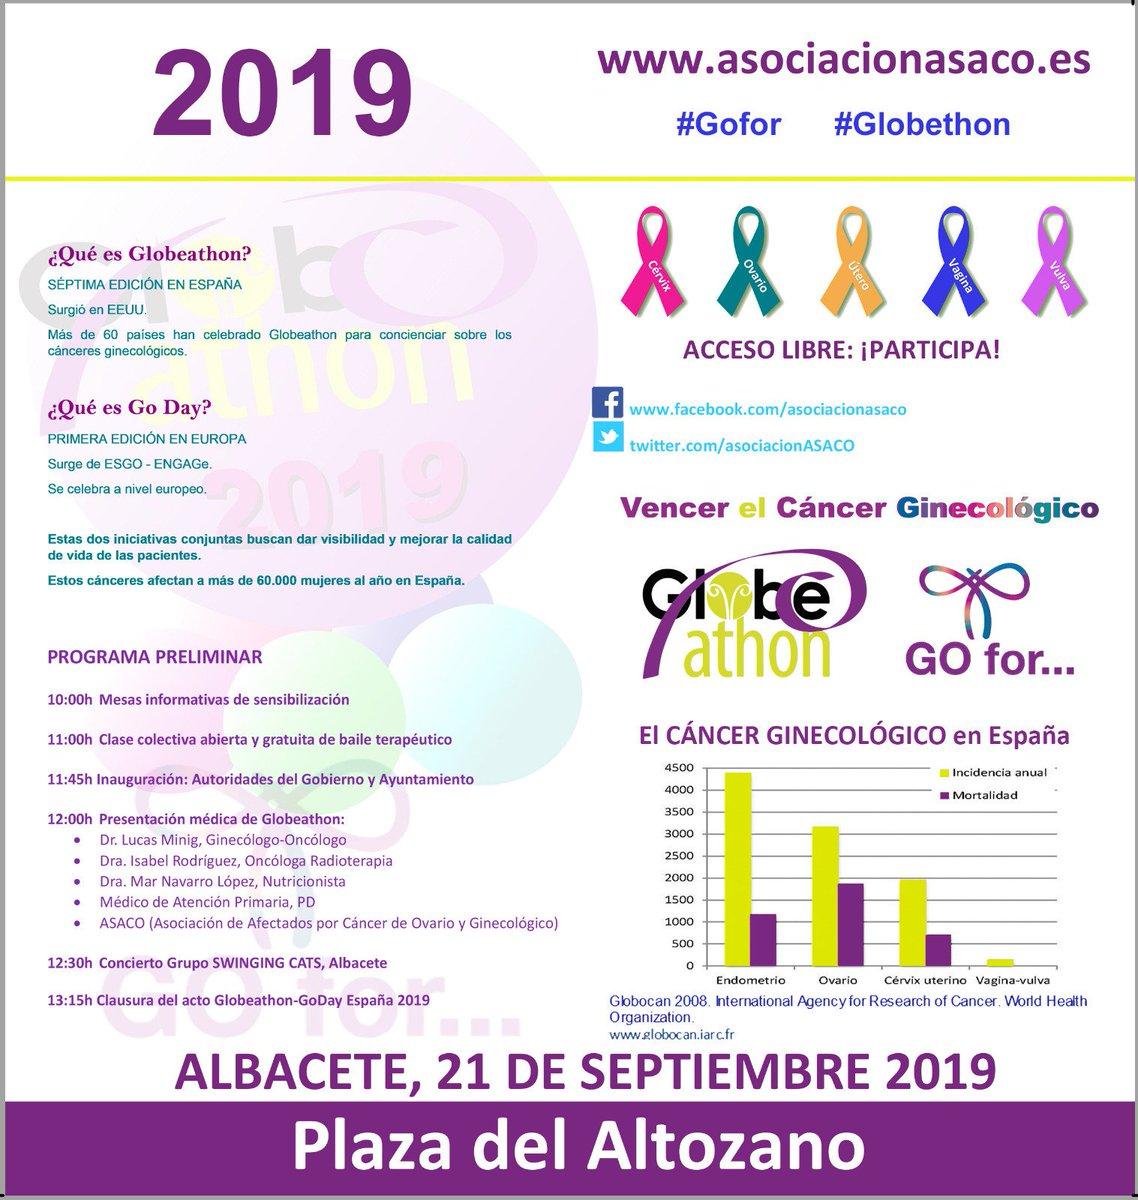 Este año estaremos en el #globlethon en Albacete con nuestra presidenta Mar Navarro